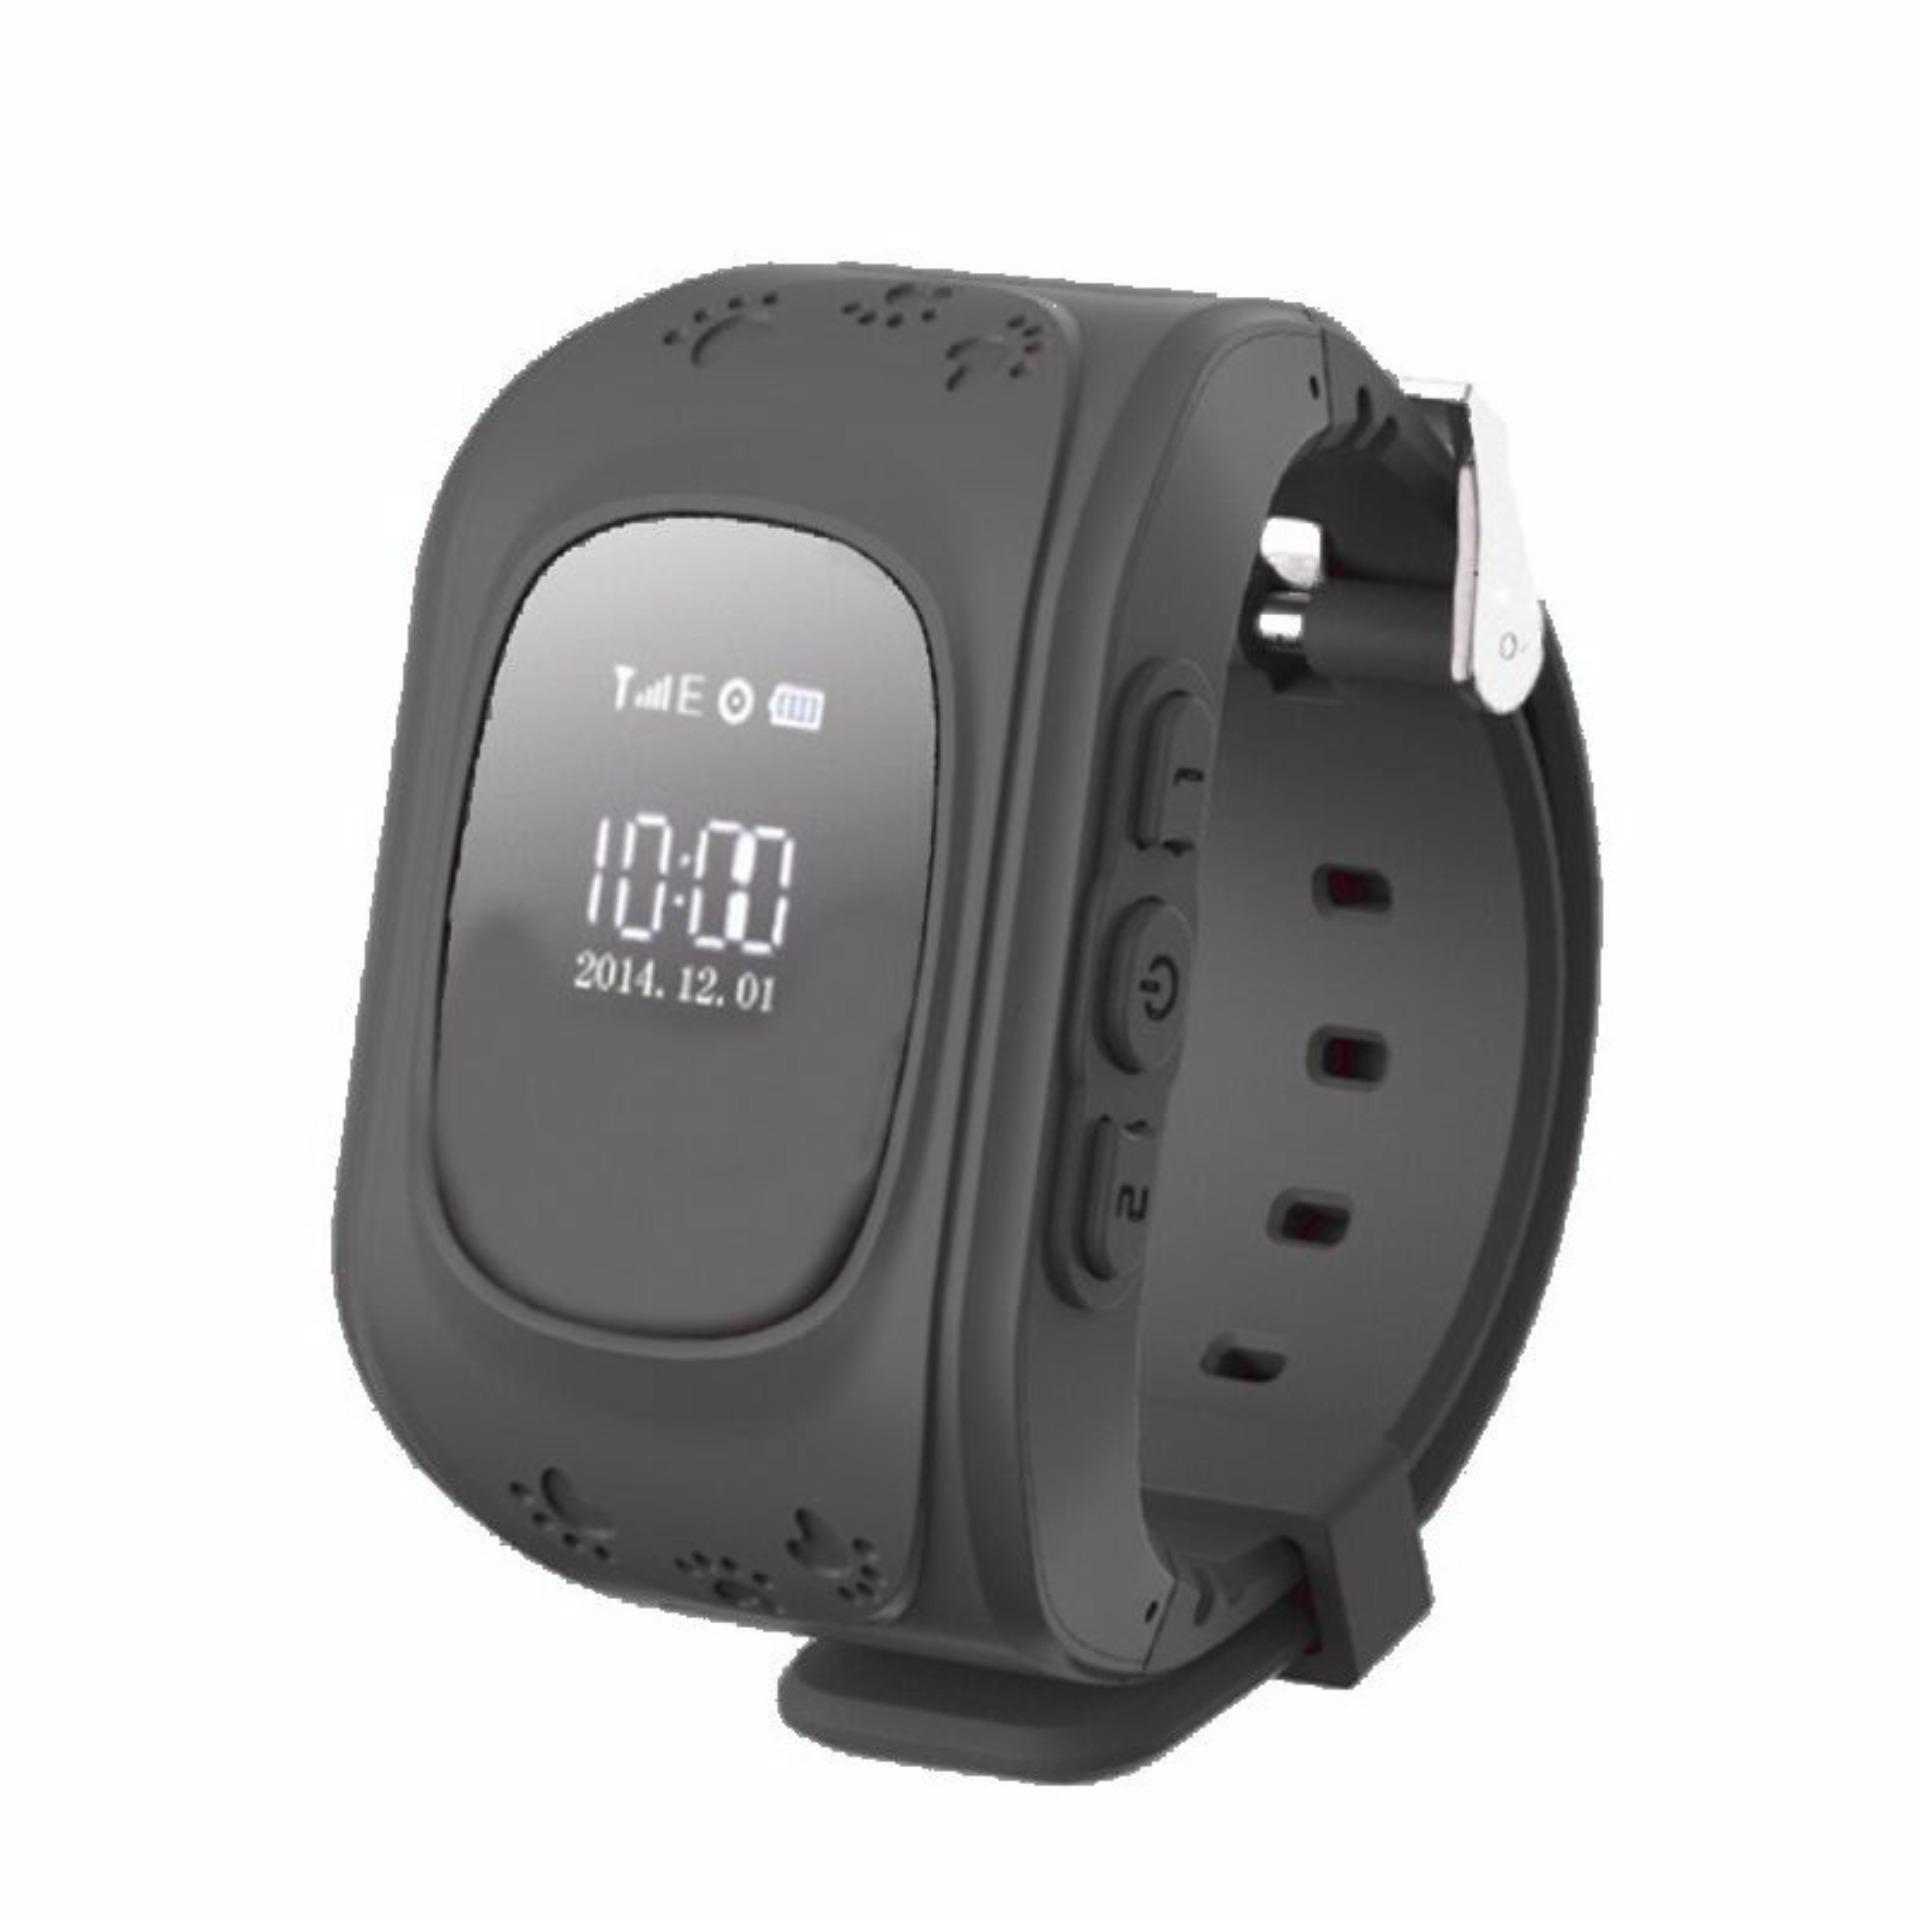 Đồng hồ GPS Smartwatch định vị giám sát trẻ em thông minh (Màu đen)